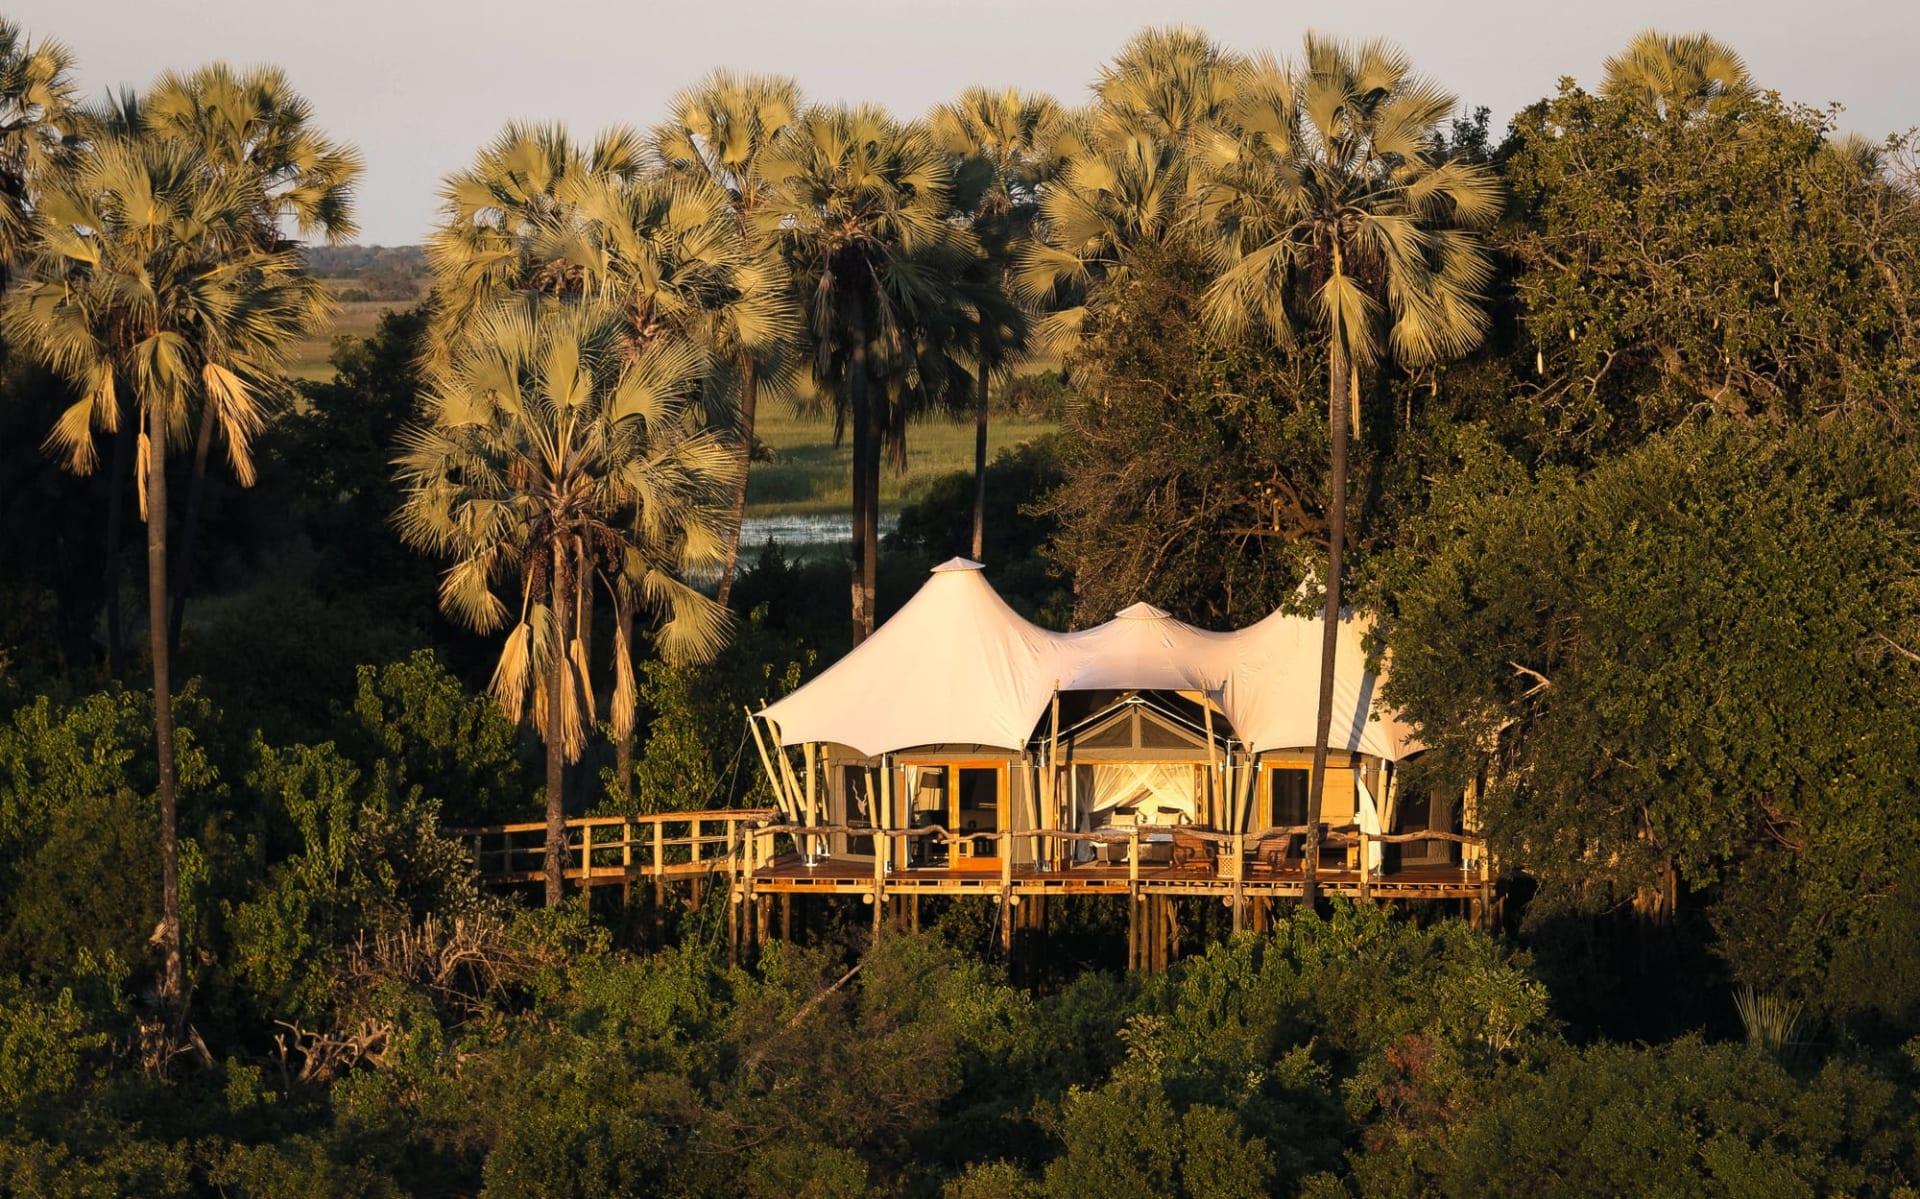 Kwetsani Camp in Okavango Delta: Kwetsani Camp - Zeltzimmer Aussenansicht c Wilderness Safaris